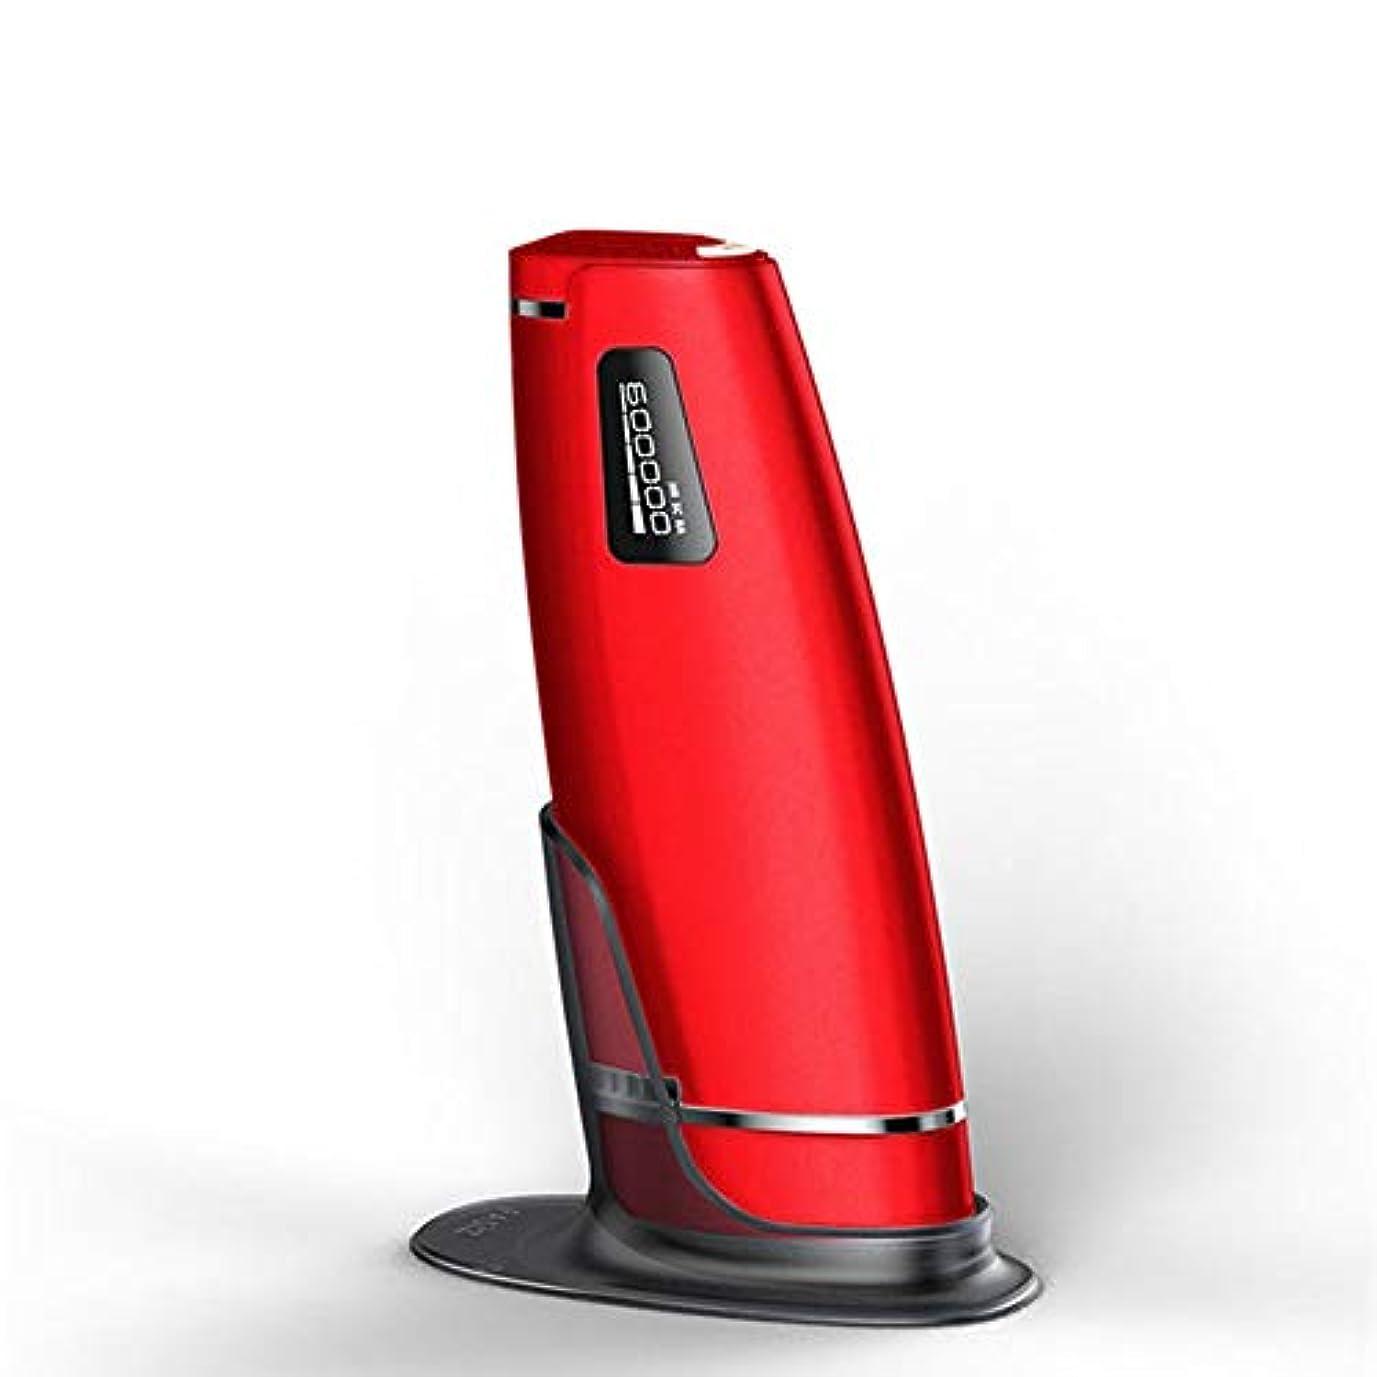 横にペグ貪欲赤、デュアルモード、ホームオートマチック無痛脱毛剤、携帯用永久脱毛剤、5スピード調整、サイズ20.5 X 4.5 X 7 Cm 髪以外はきれい (Color : Red)